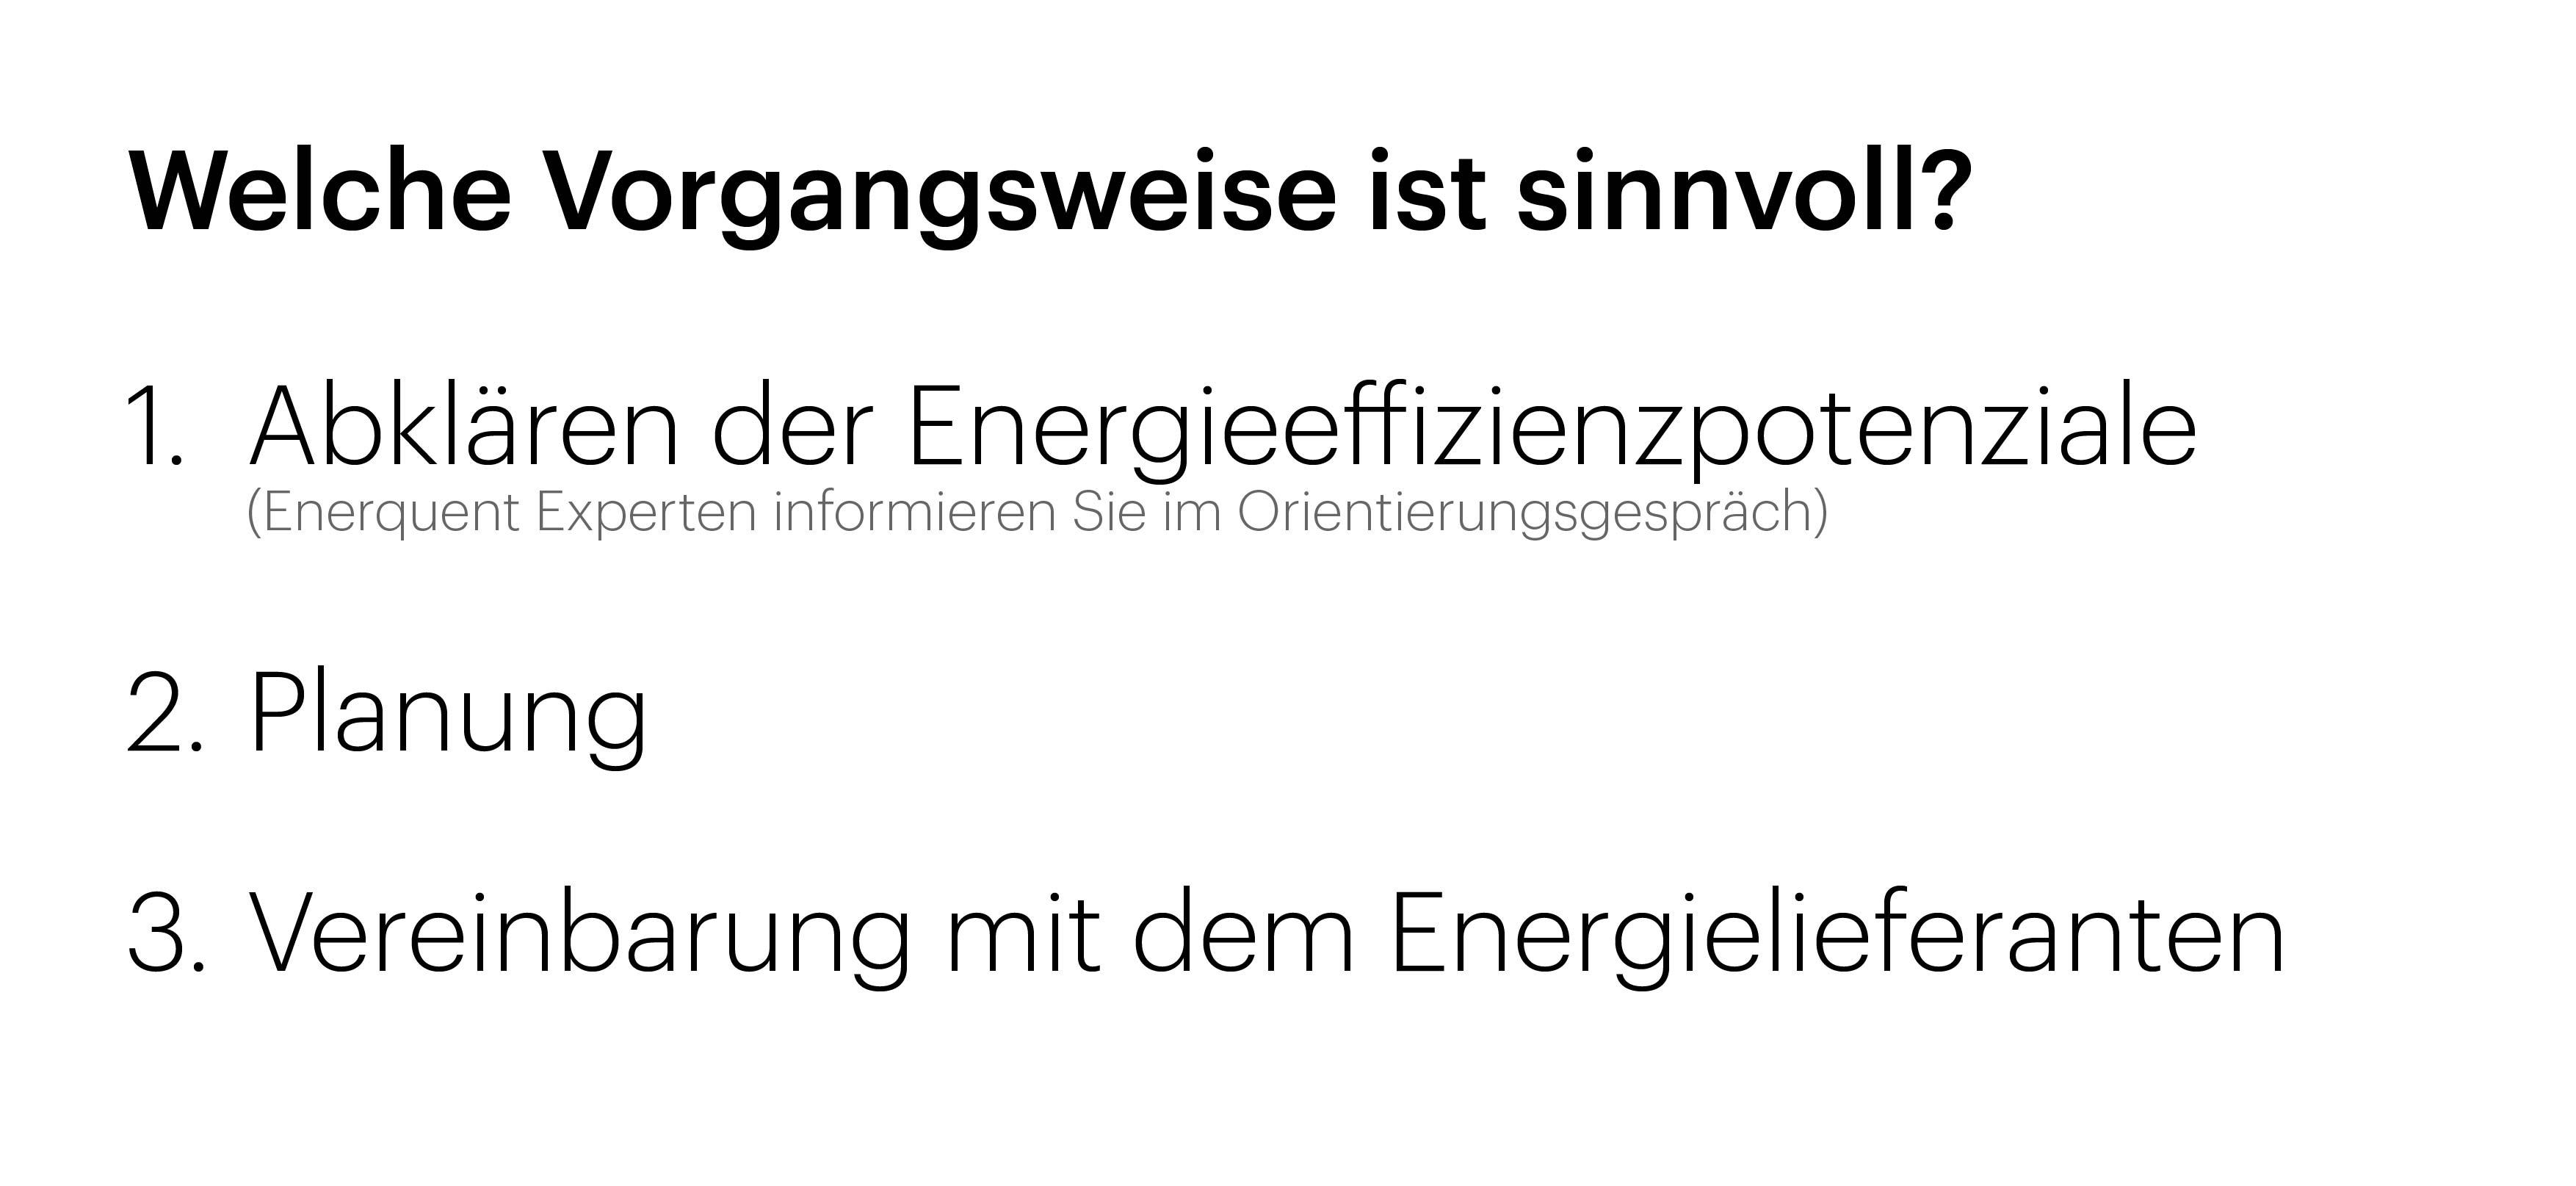 Energieauditor_Enerquent-04